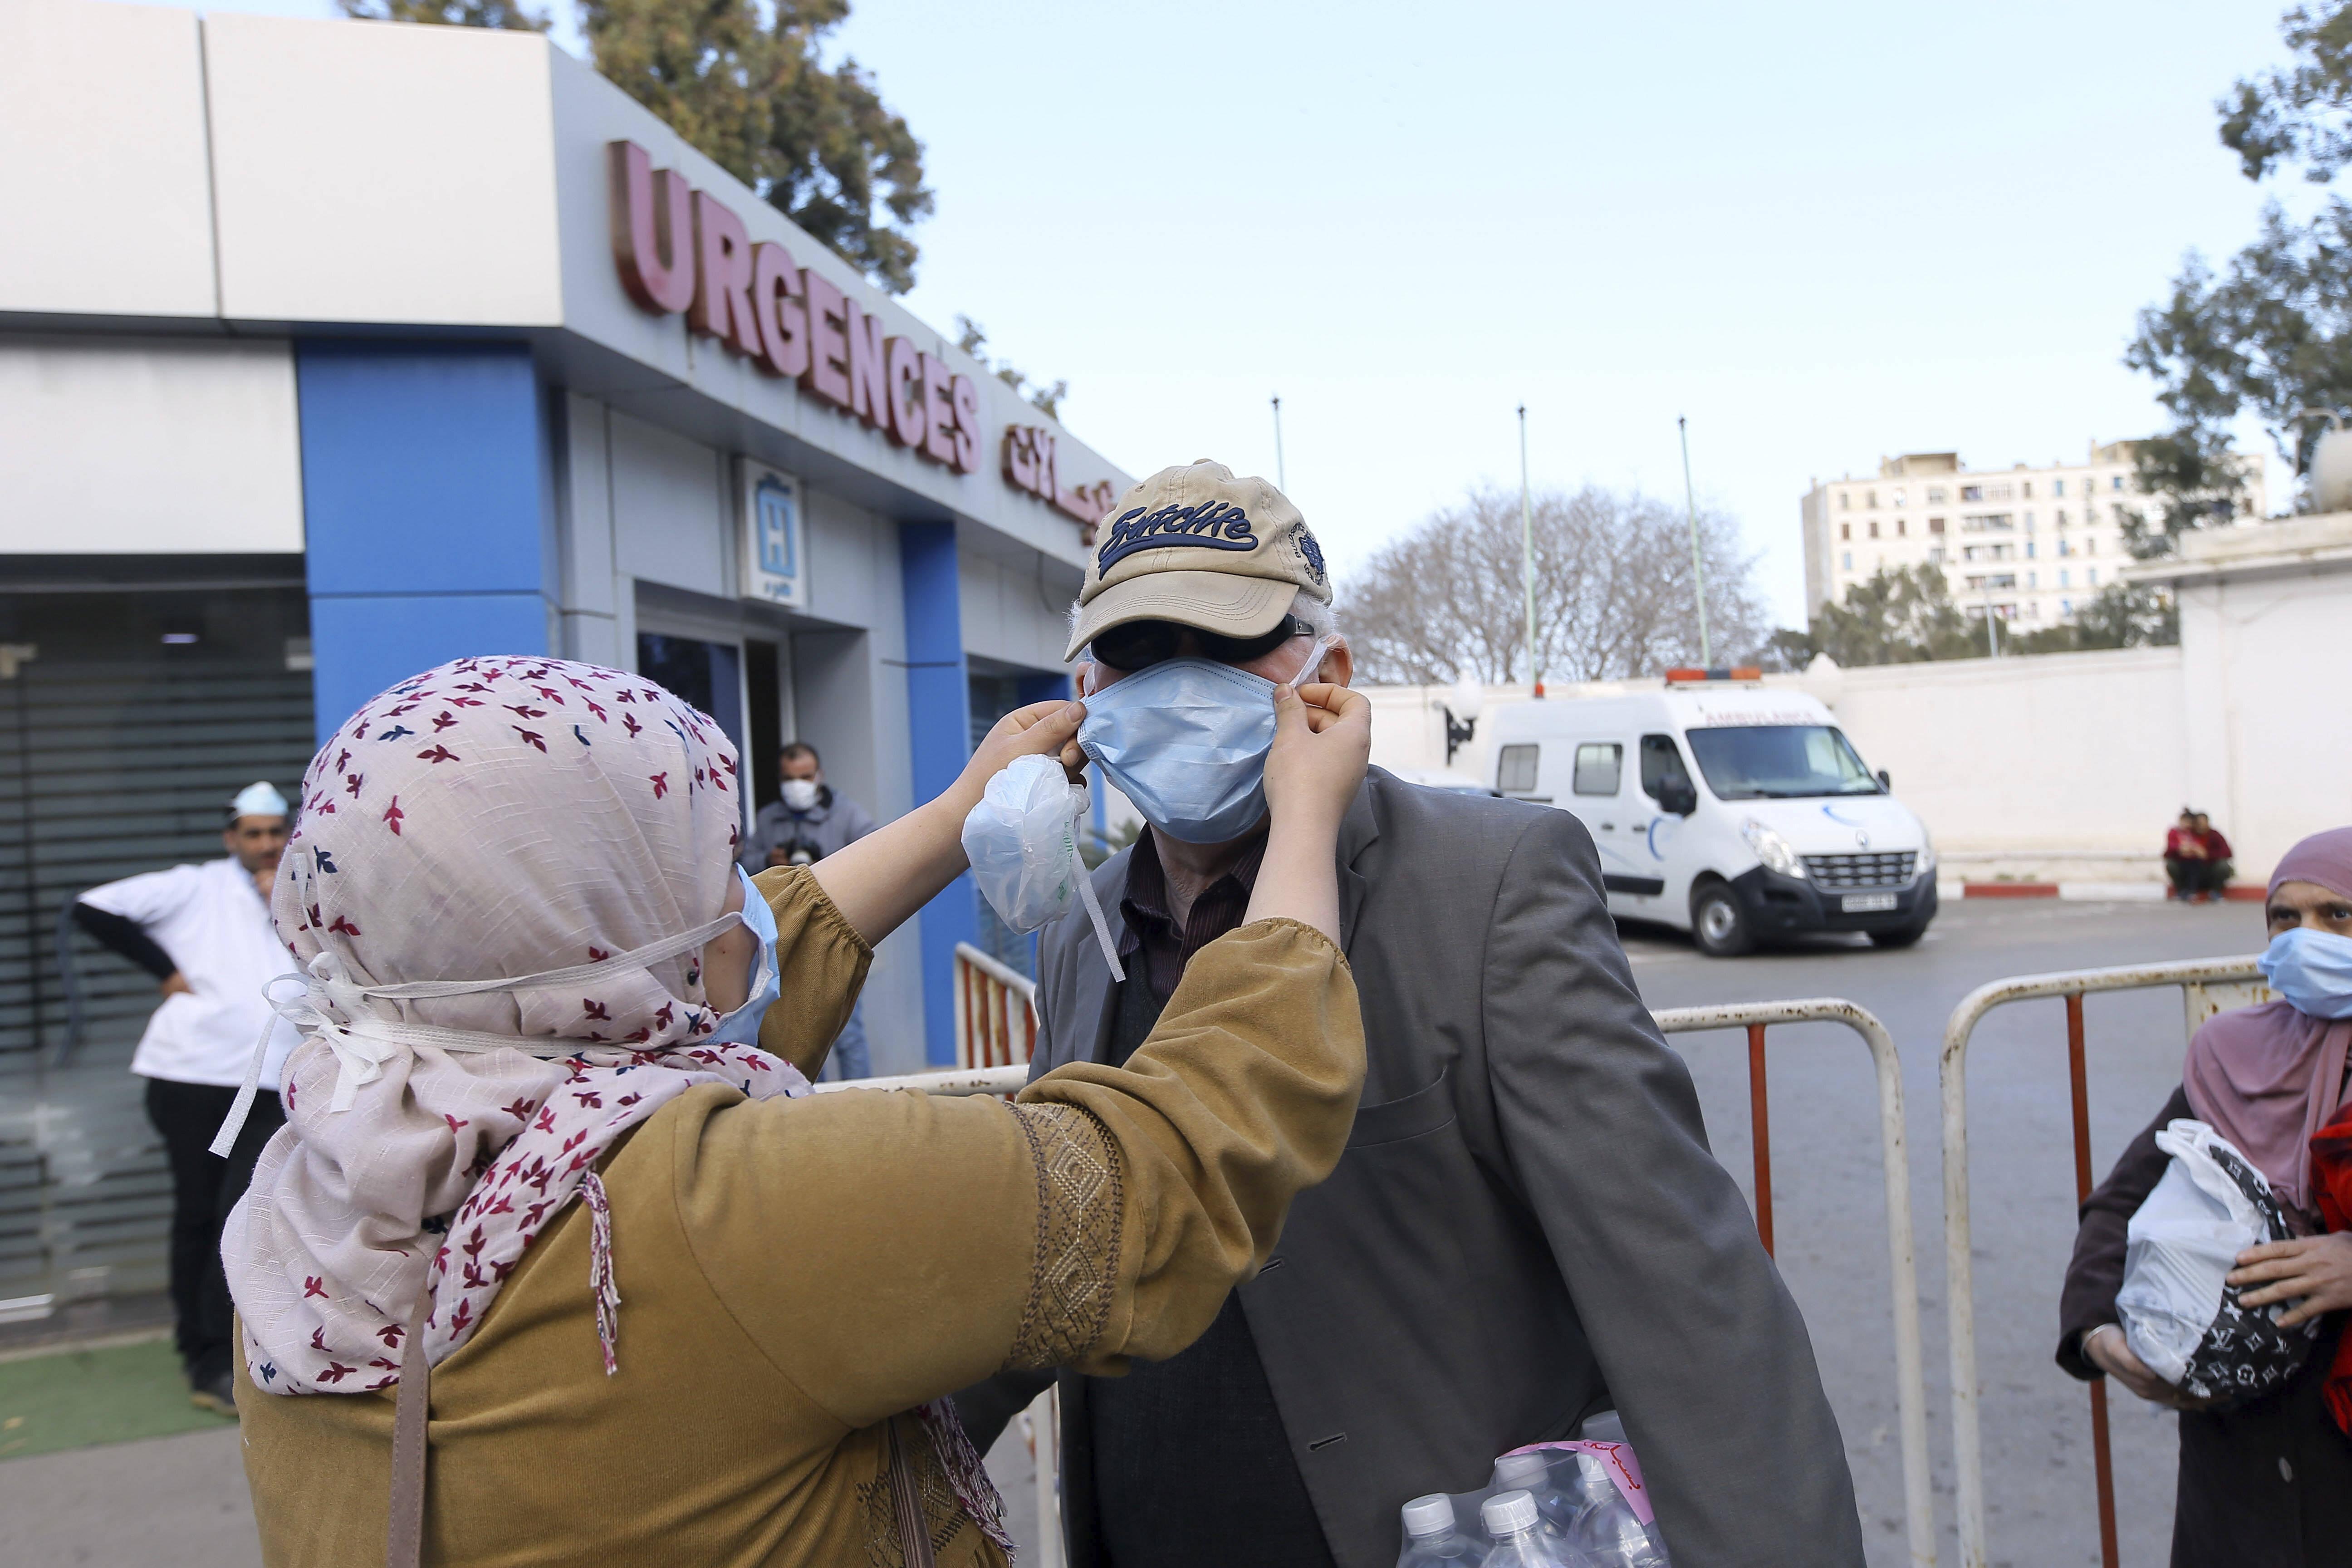 Des personnes portant des masques se tiennent à l'extérieur d'une clinique, à Alger, le 26 février 2020.